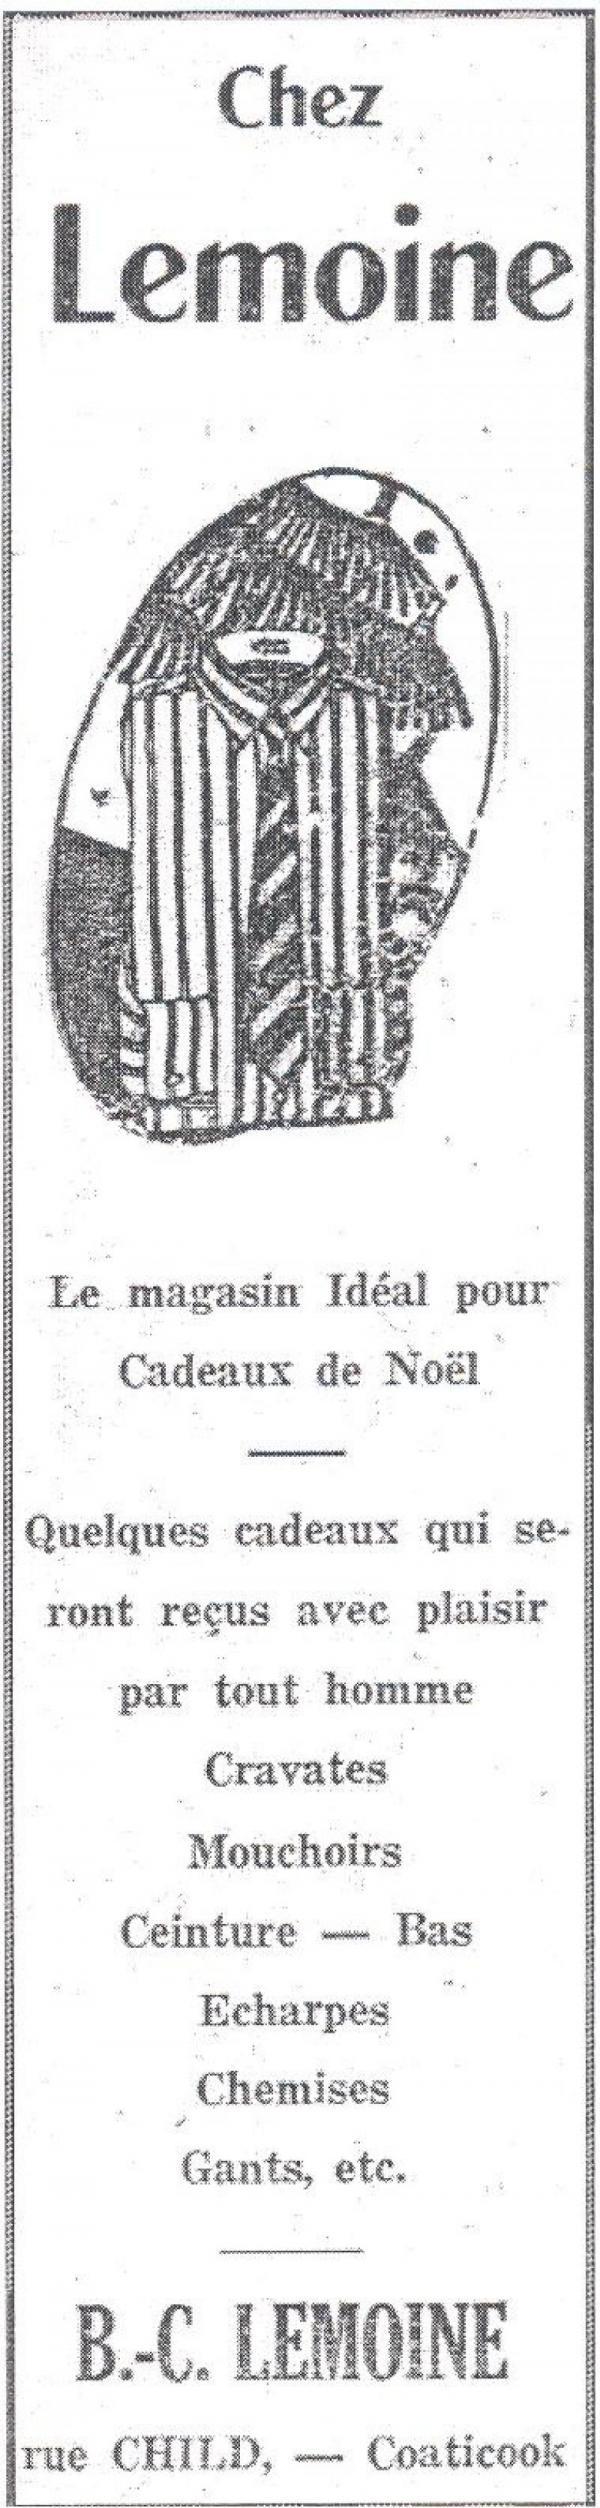 Publicité Chez B.-C. Lemoine